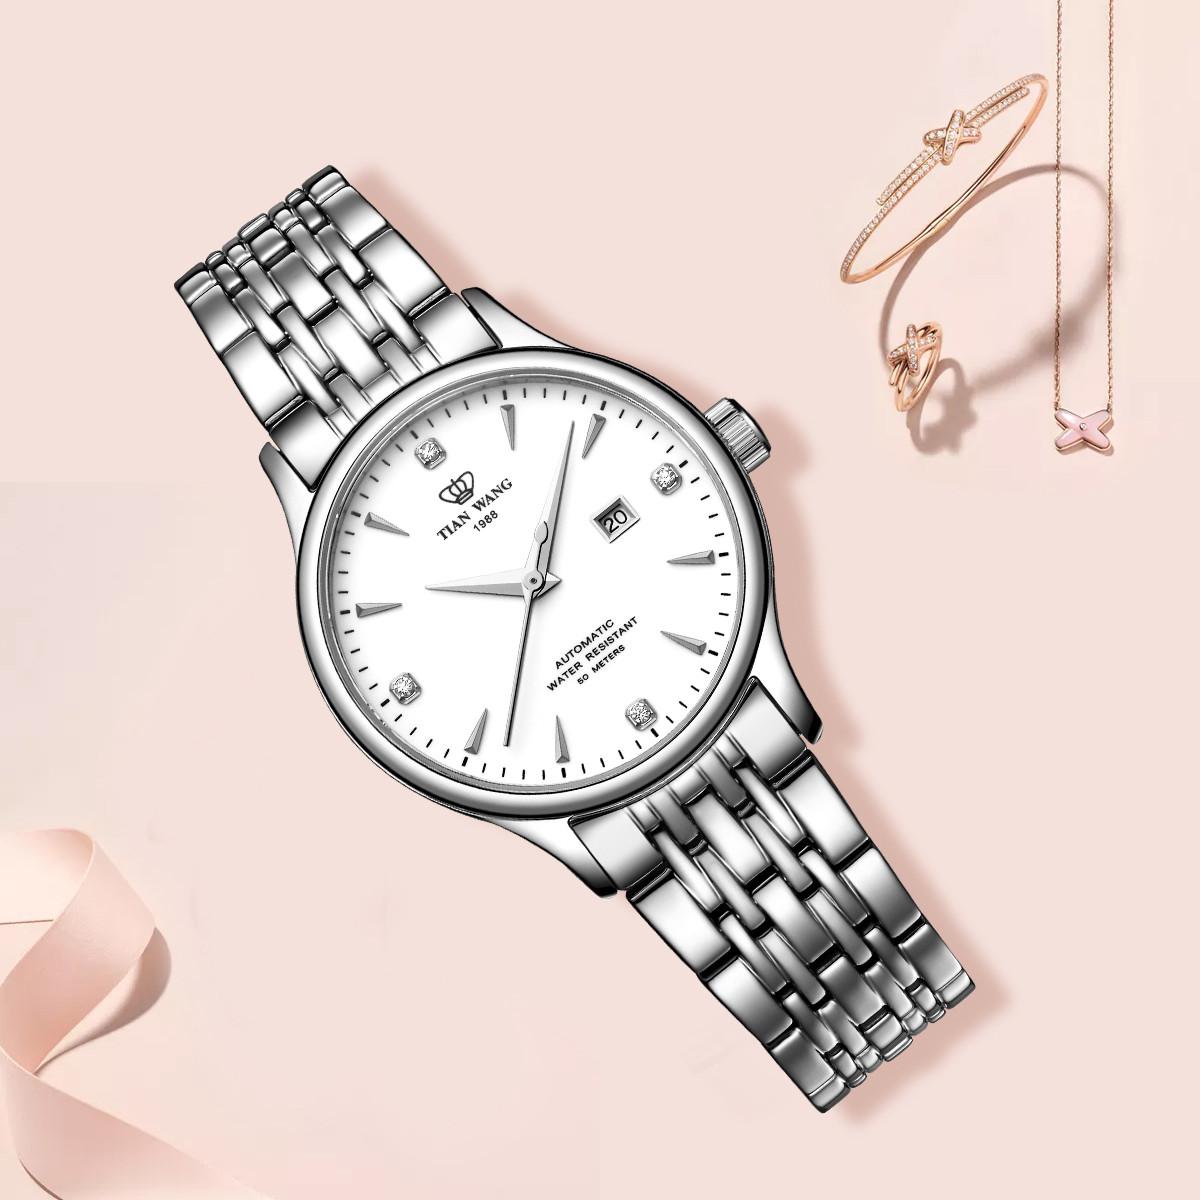 天王【热卖】天王商务优雅女士手表简约时尚钢带机械女表LS65876S/D-A白